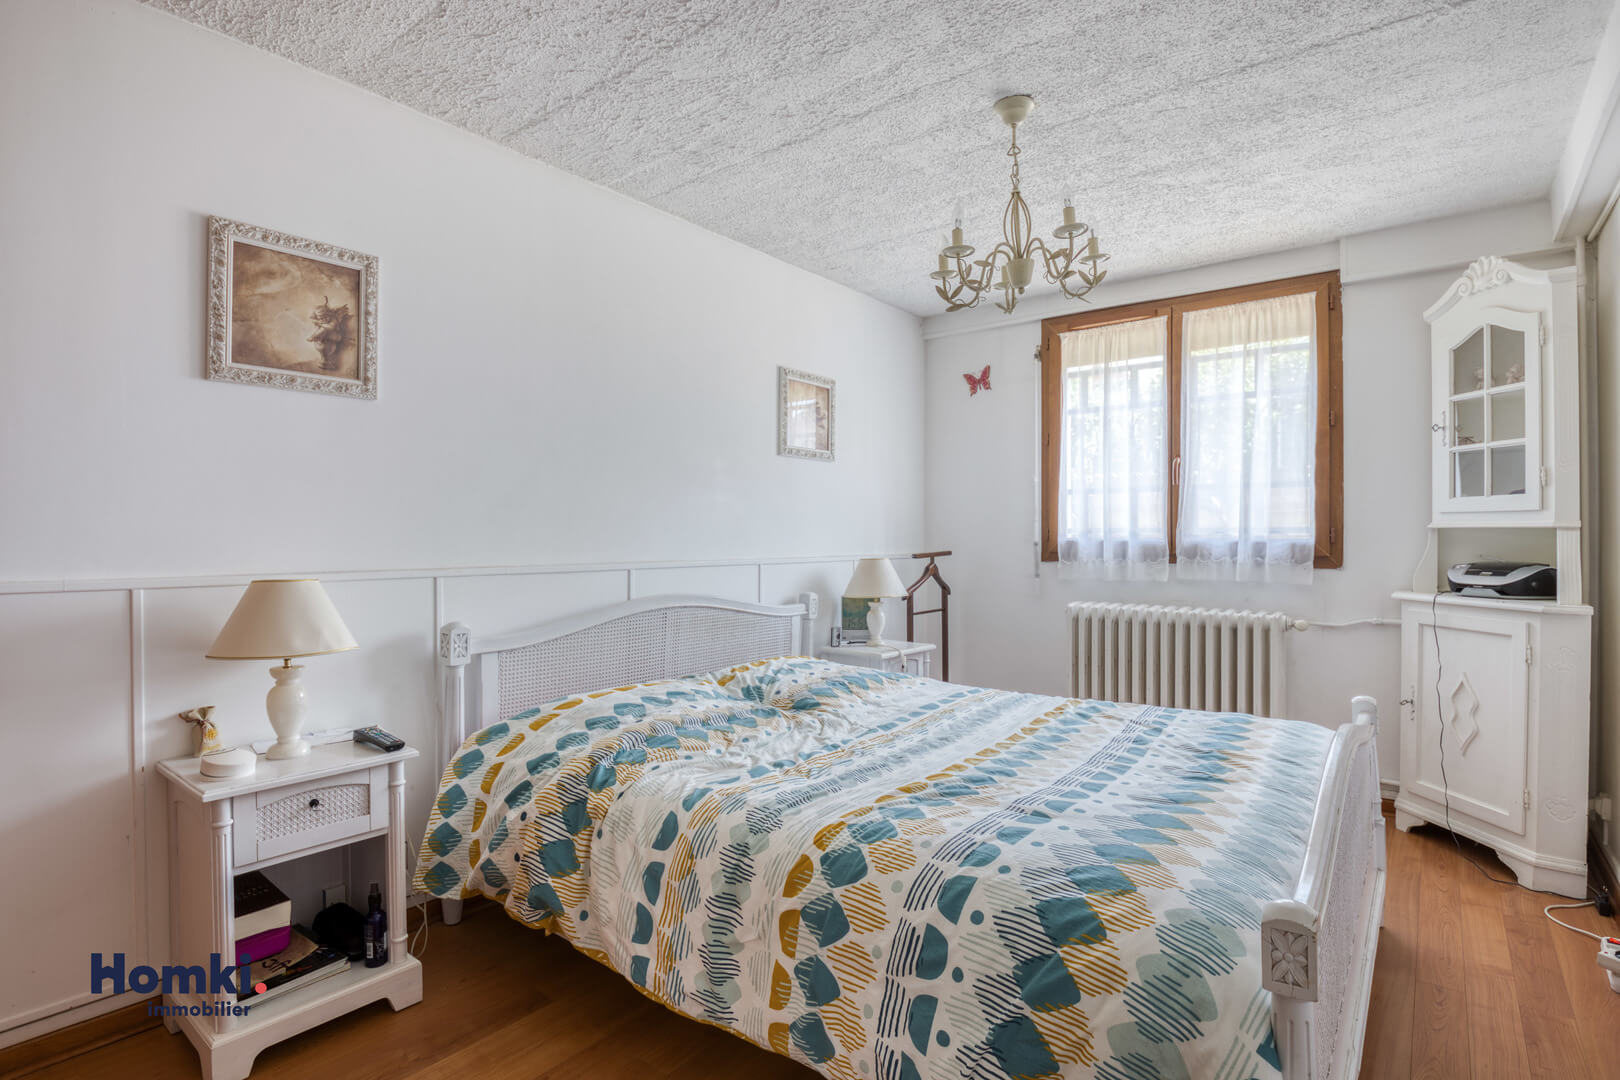 Vente maison 140m² T6 69800_7